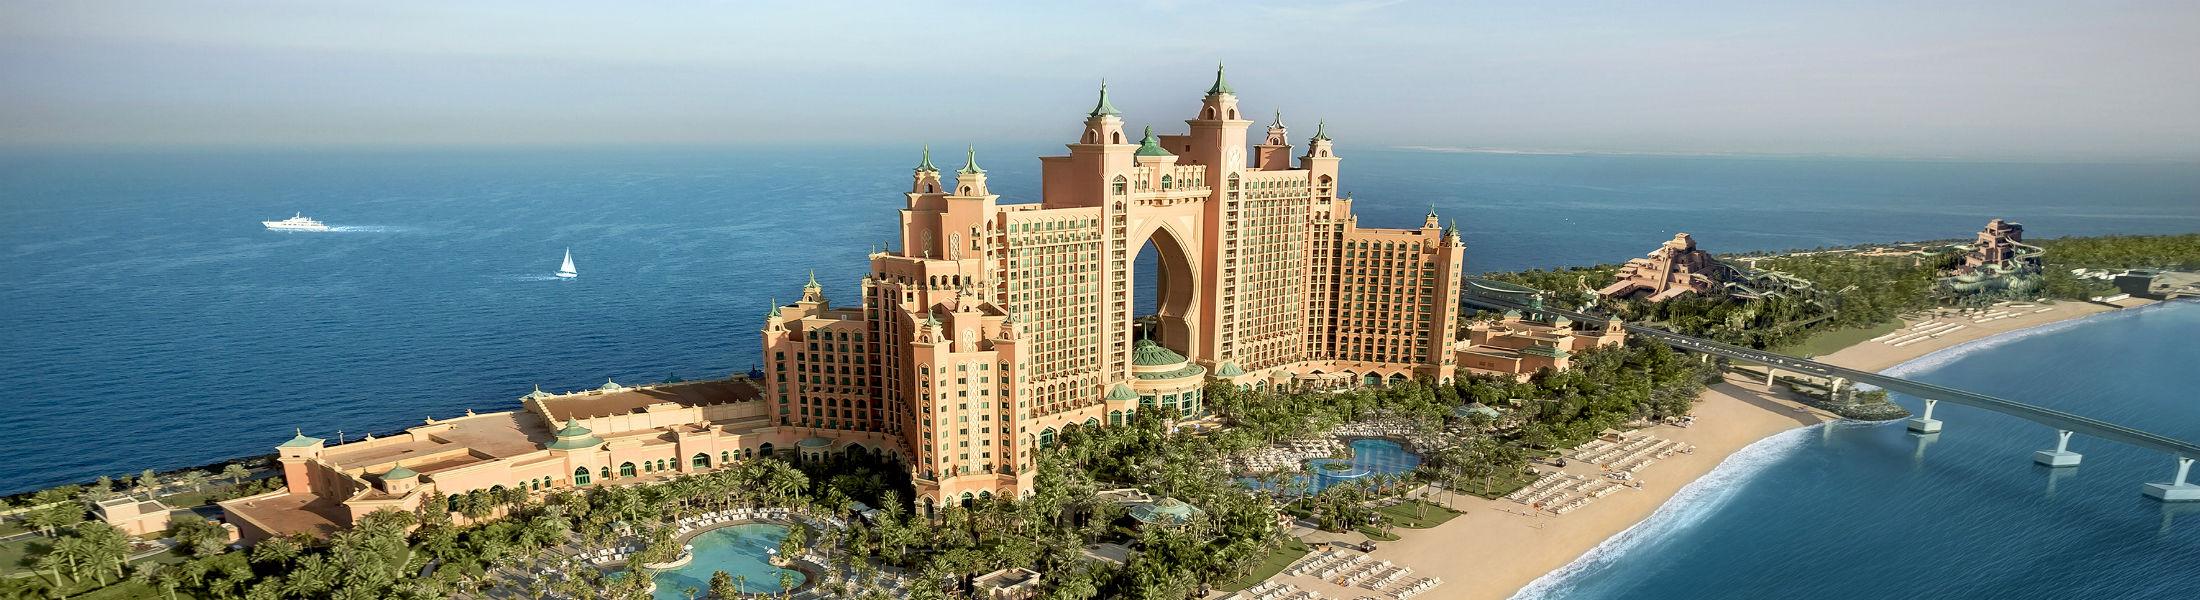 Dubai - Atlantis Resort